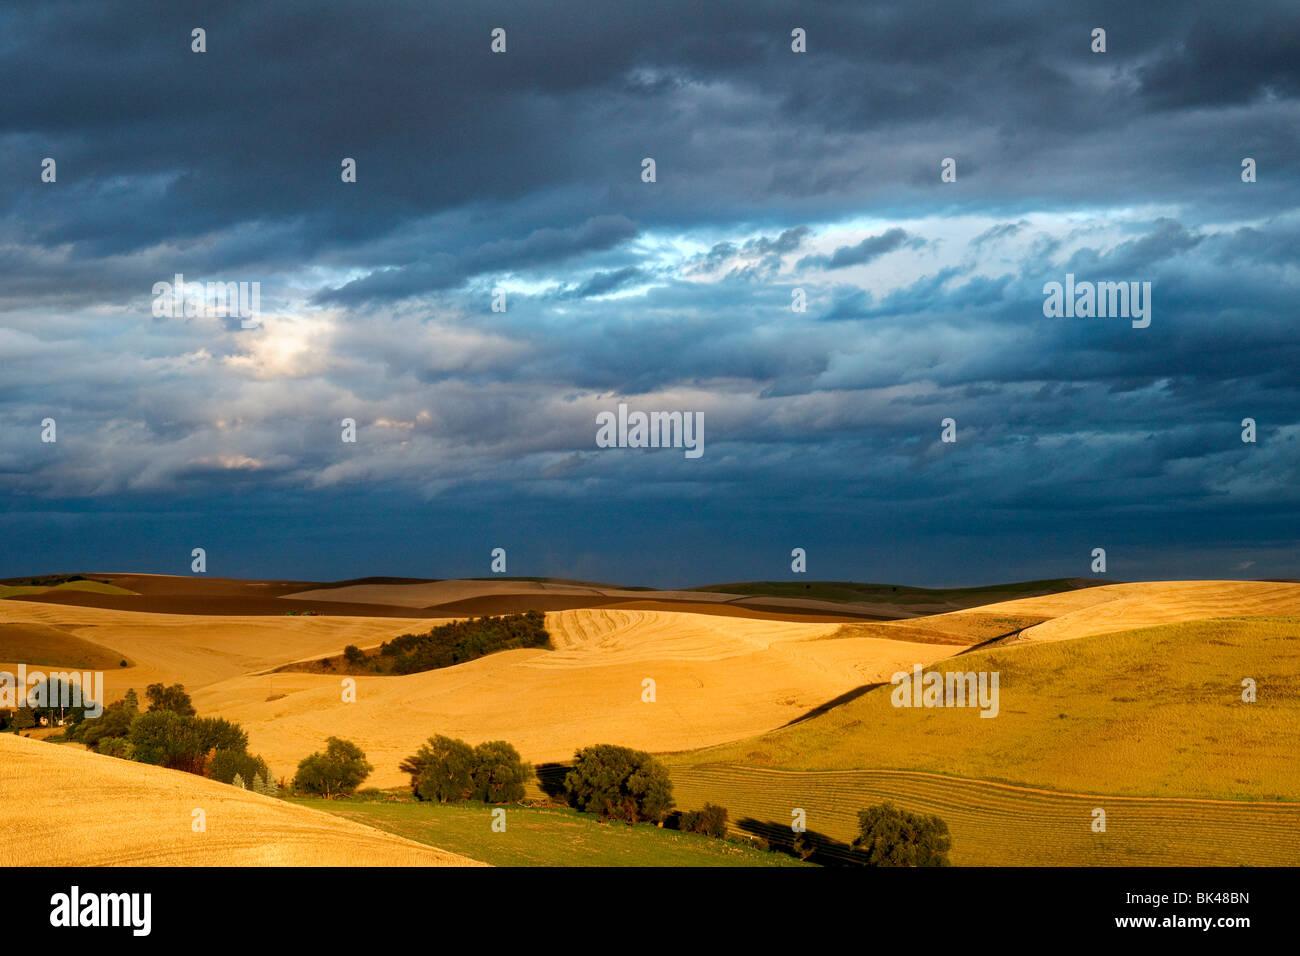 Le soleil perce les nuages pour illuminer les champs de blé mûr dans la région de Washington Palouse Photo Stock